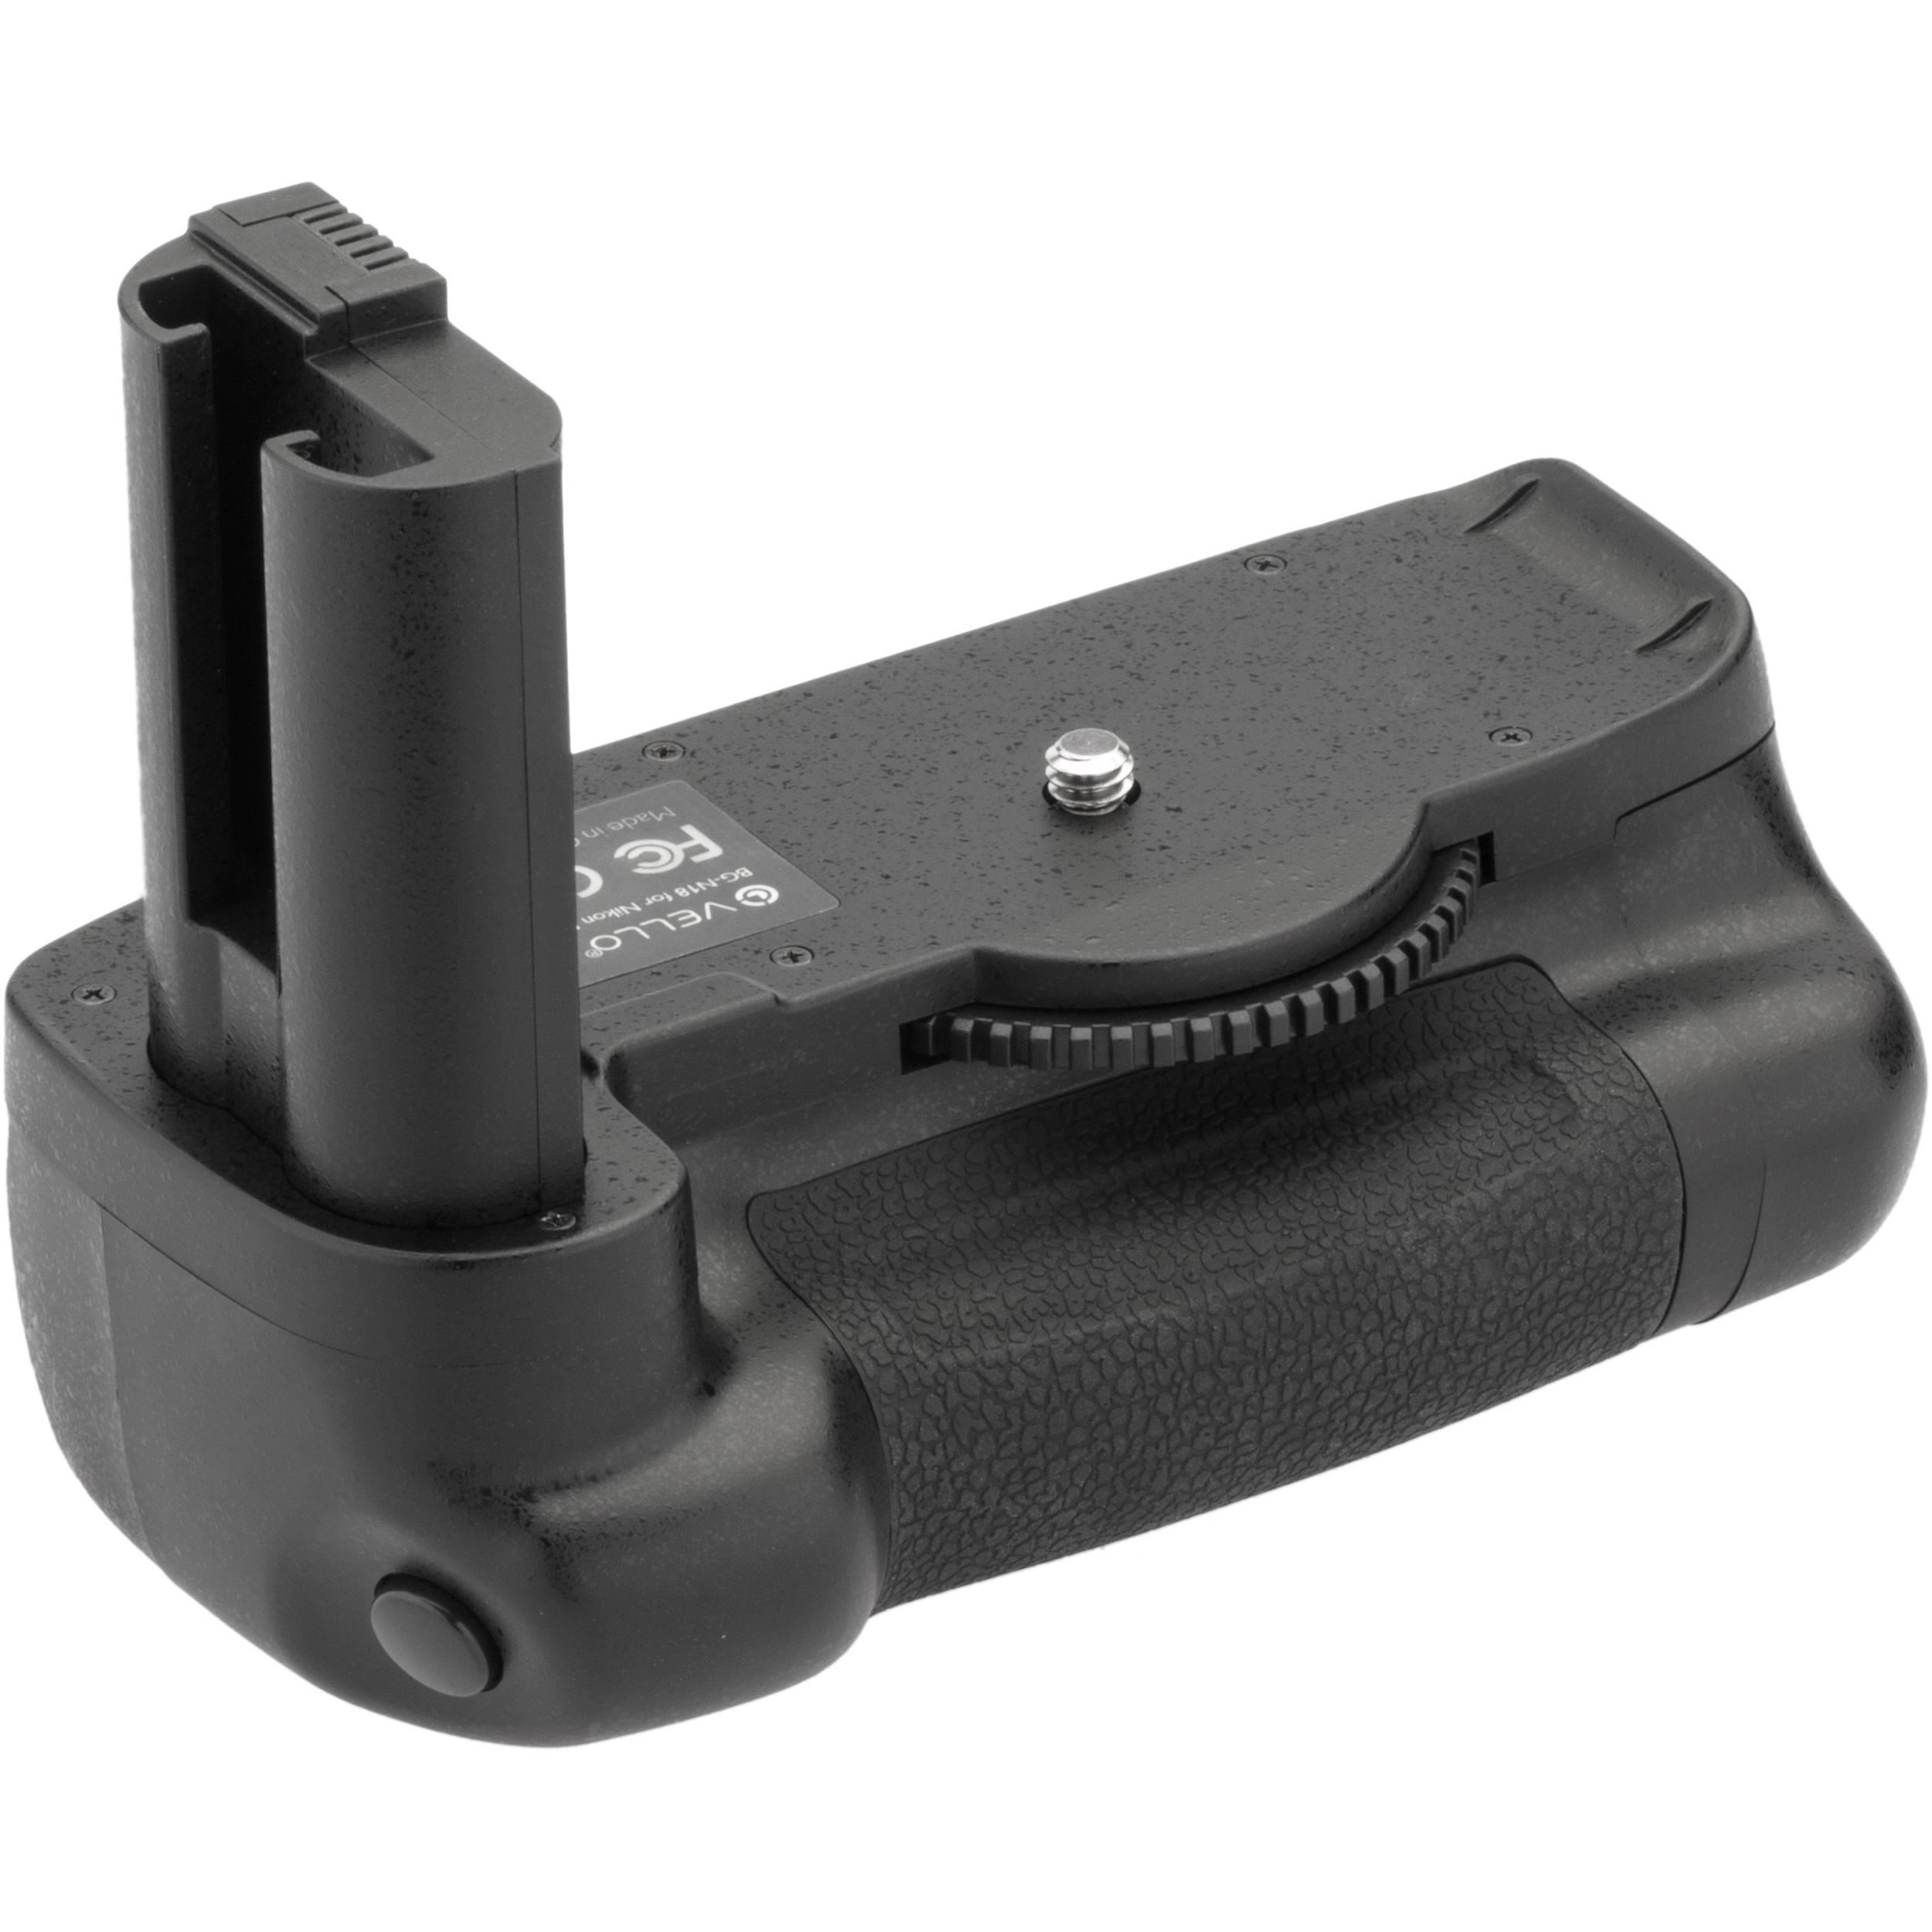 Vello Hand Grip Strap for DSLR 6 Pack Black